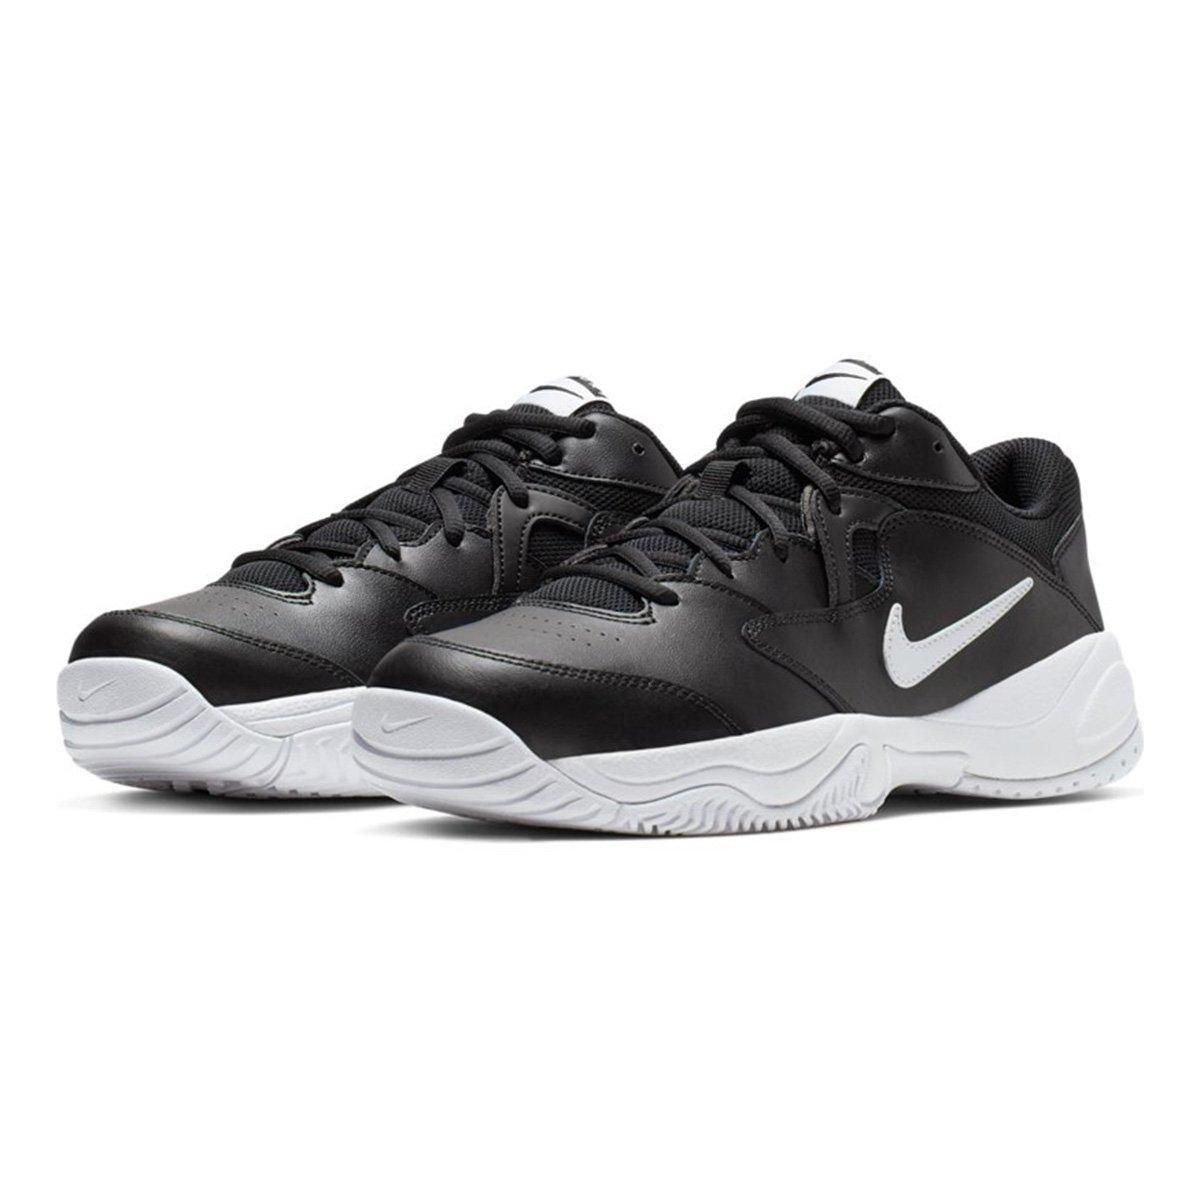 13d223506 Tênis Nike Court Lite 2 Masculino - Preto e Branco | Allianz Parque Shop